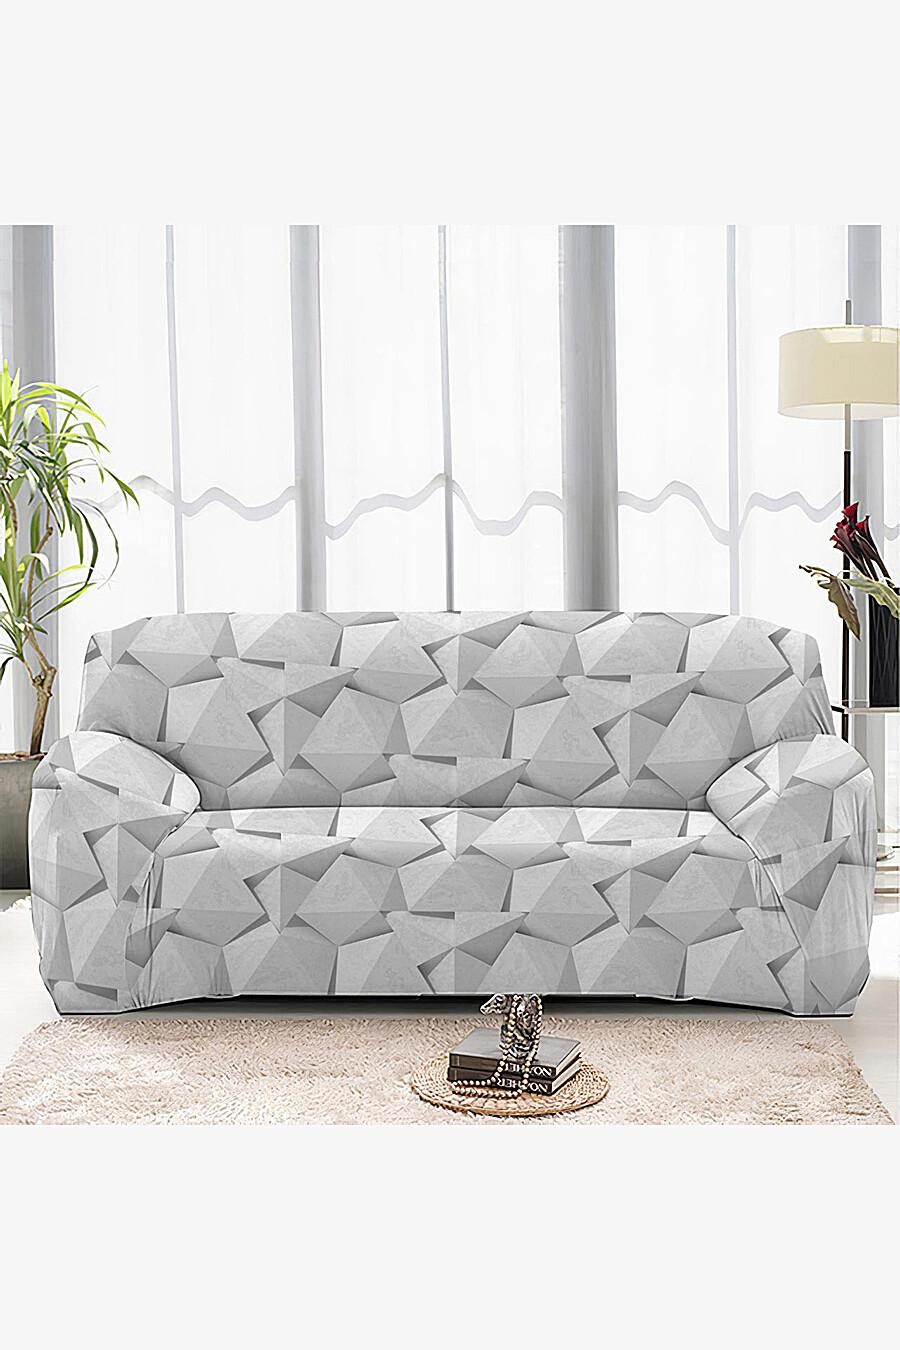 Чехол на диван для дома ART HOME TEXTILE 162847 купить оптом от производителя. Совместная покупка товаров для дома в OptMoyo